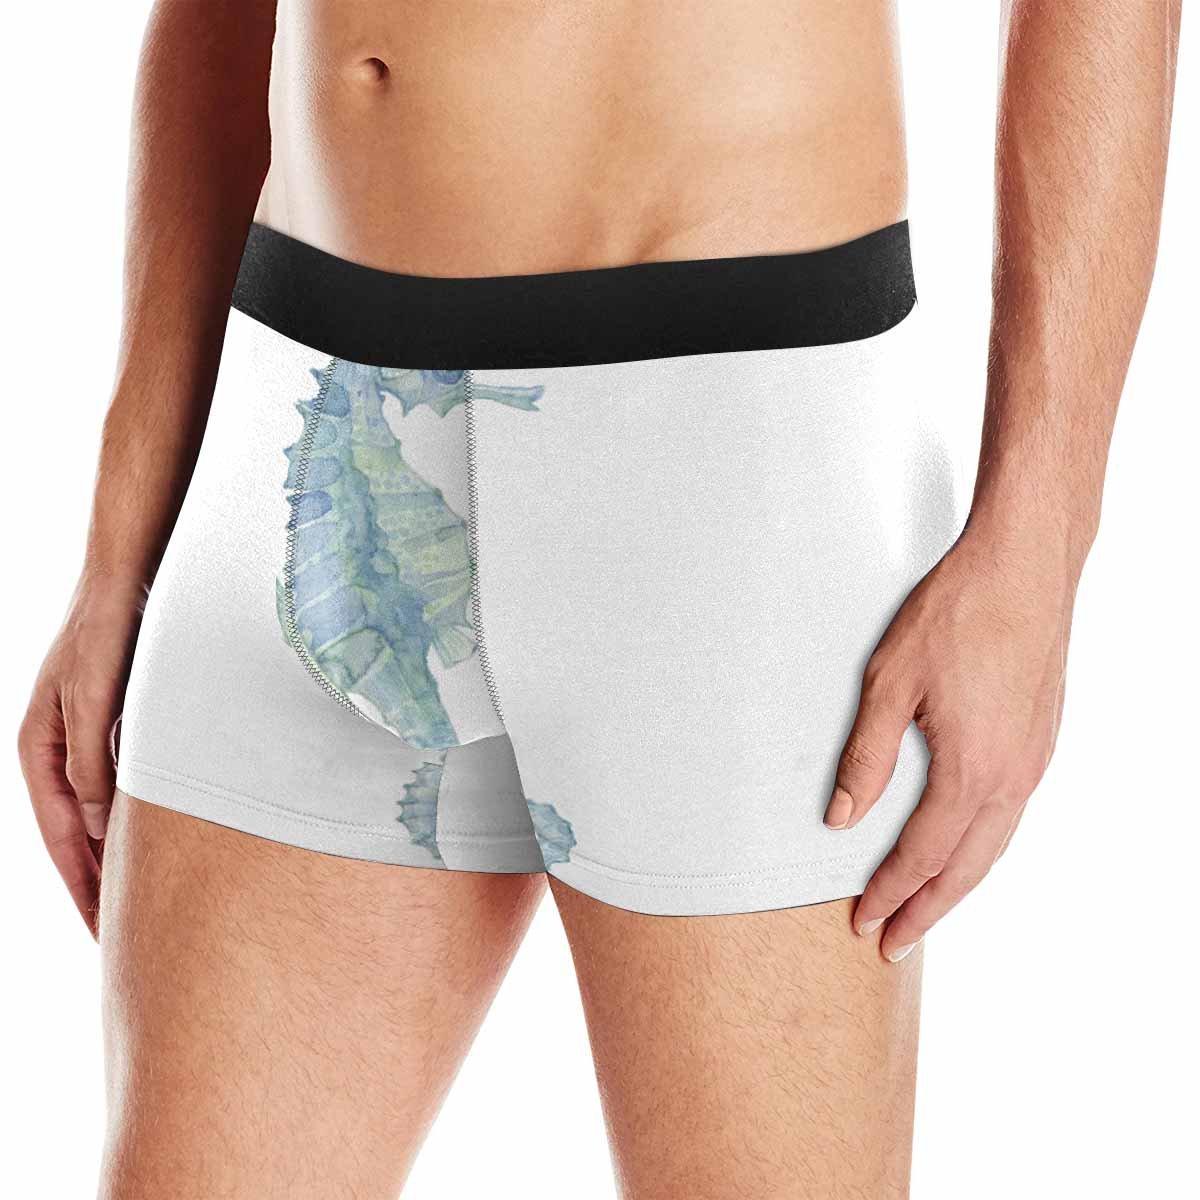 INTERESTPRINT Boxer Briefs Mens Underwear Sea Horse XS-3XL